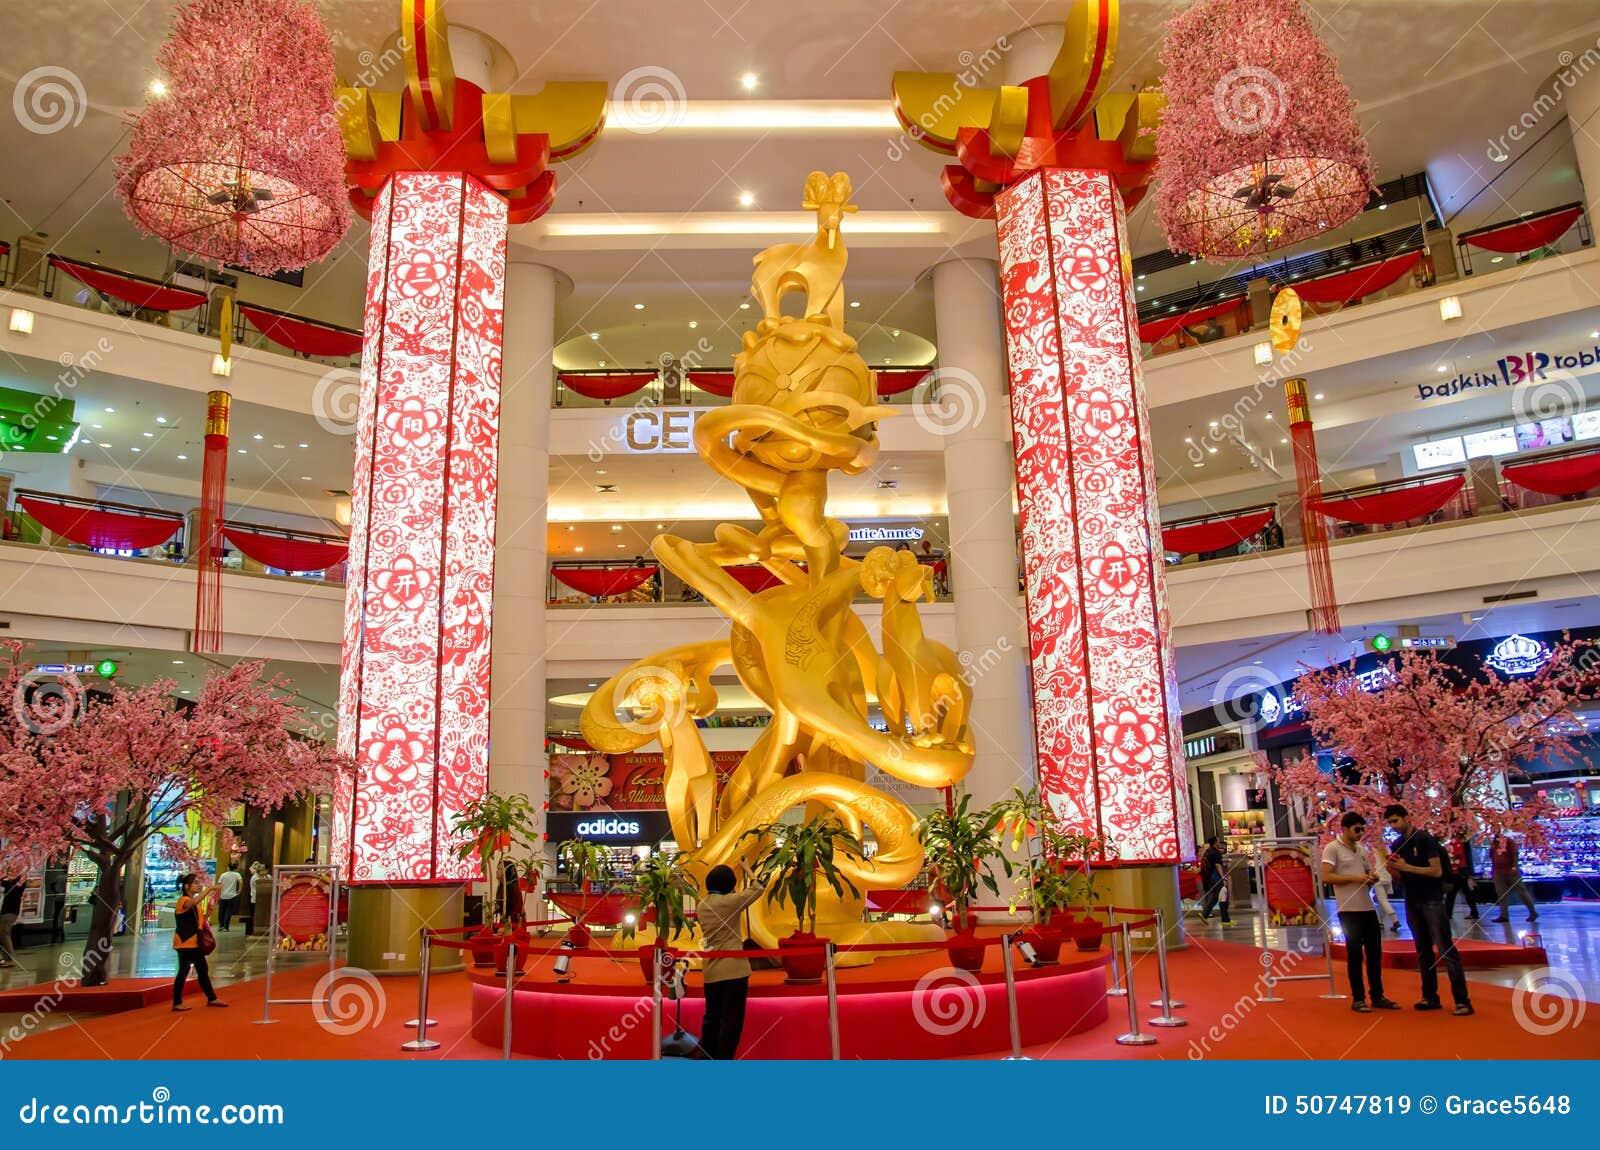 Chinese New Year Decoration In Berjaya Times Square,Kuala ...